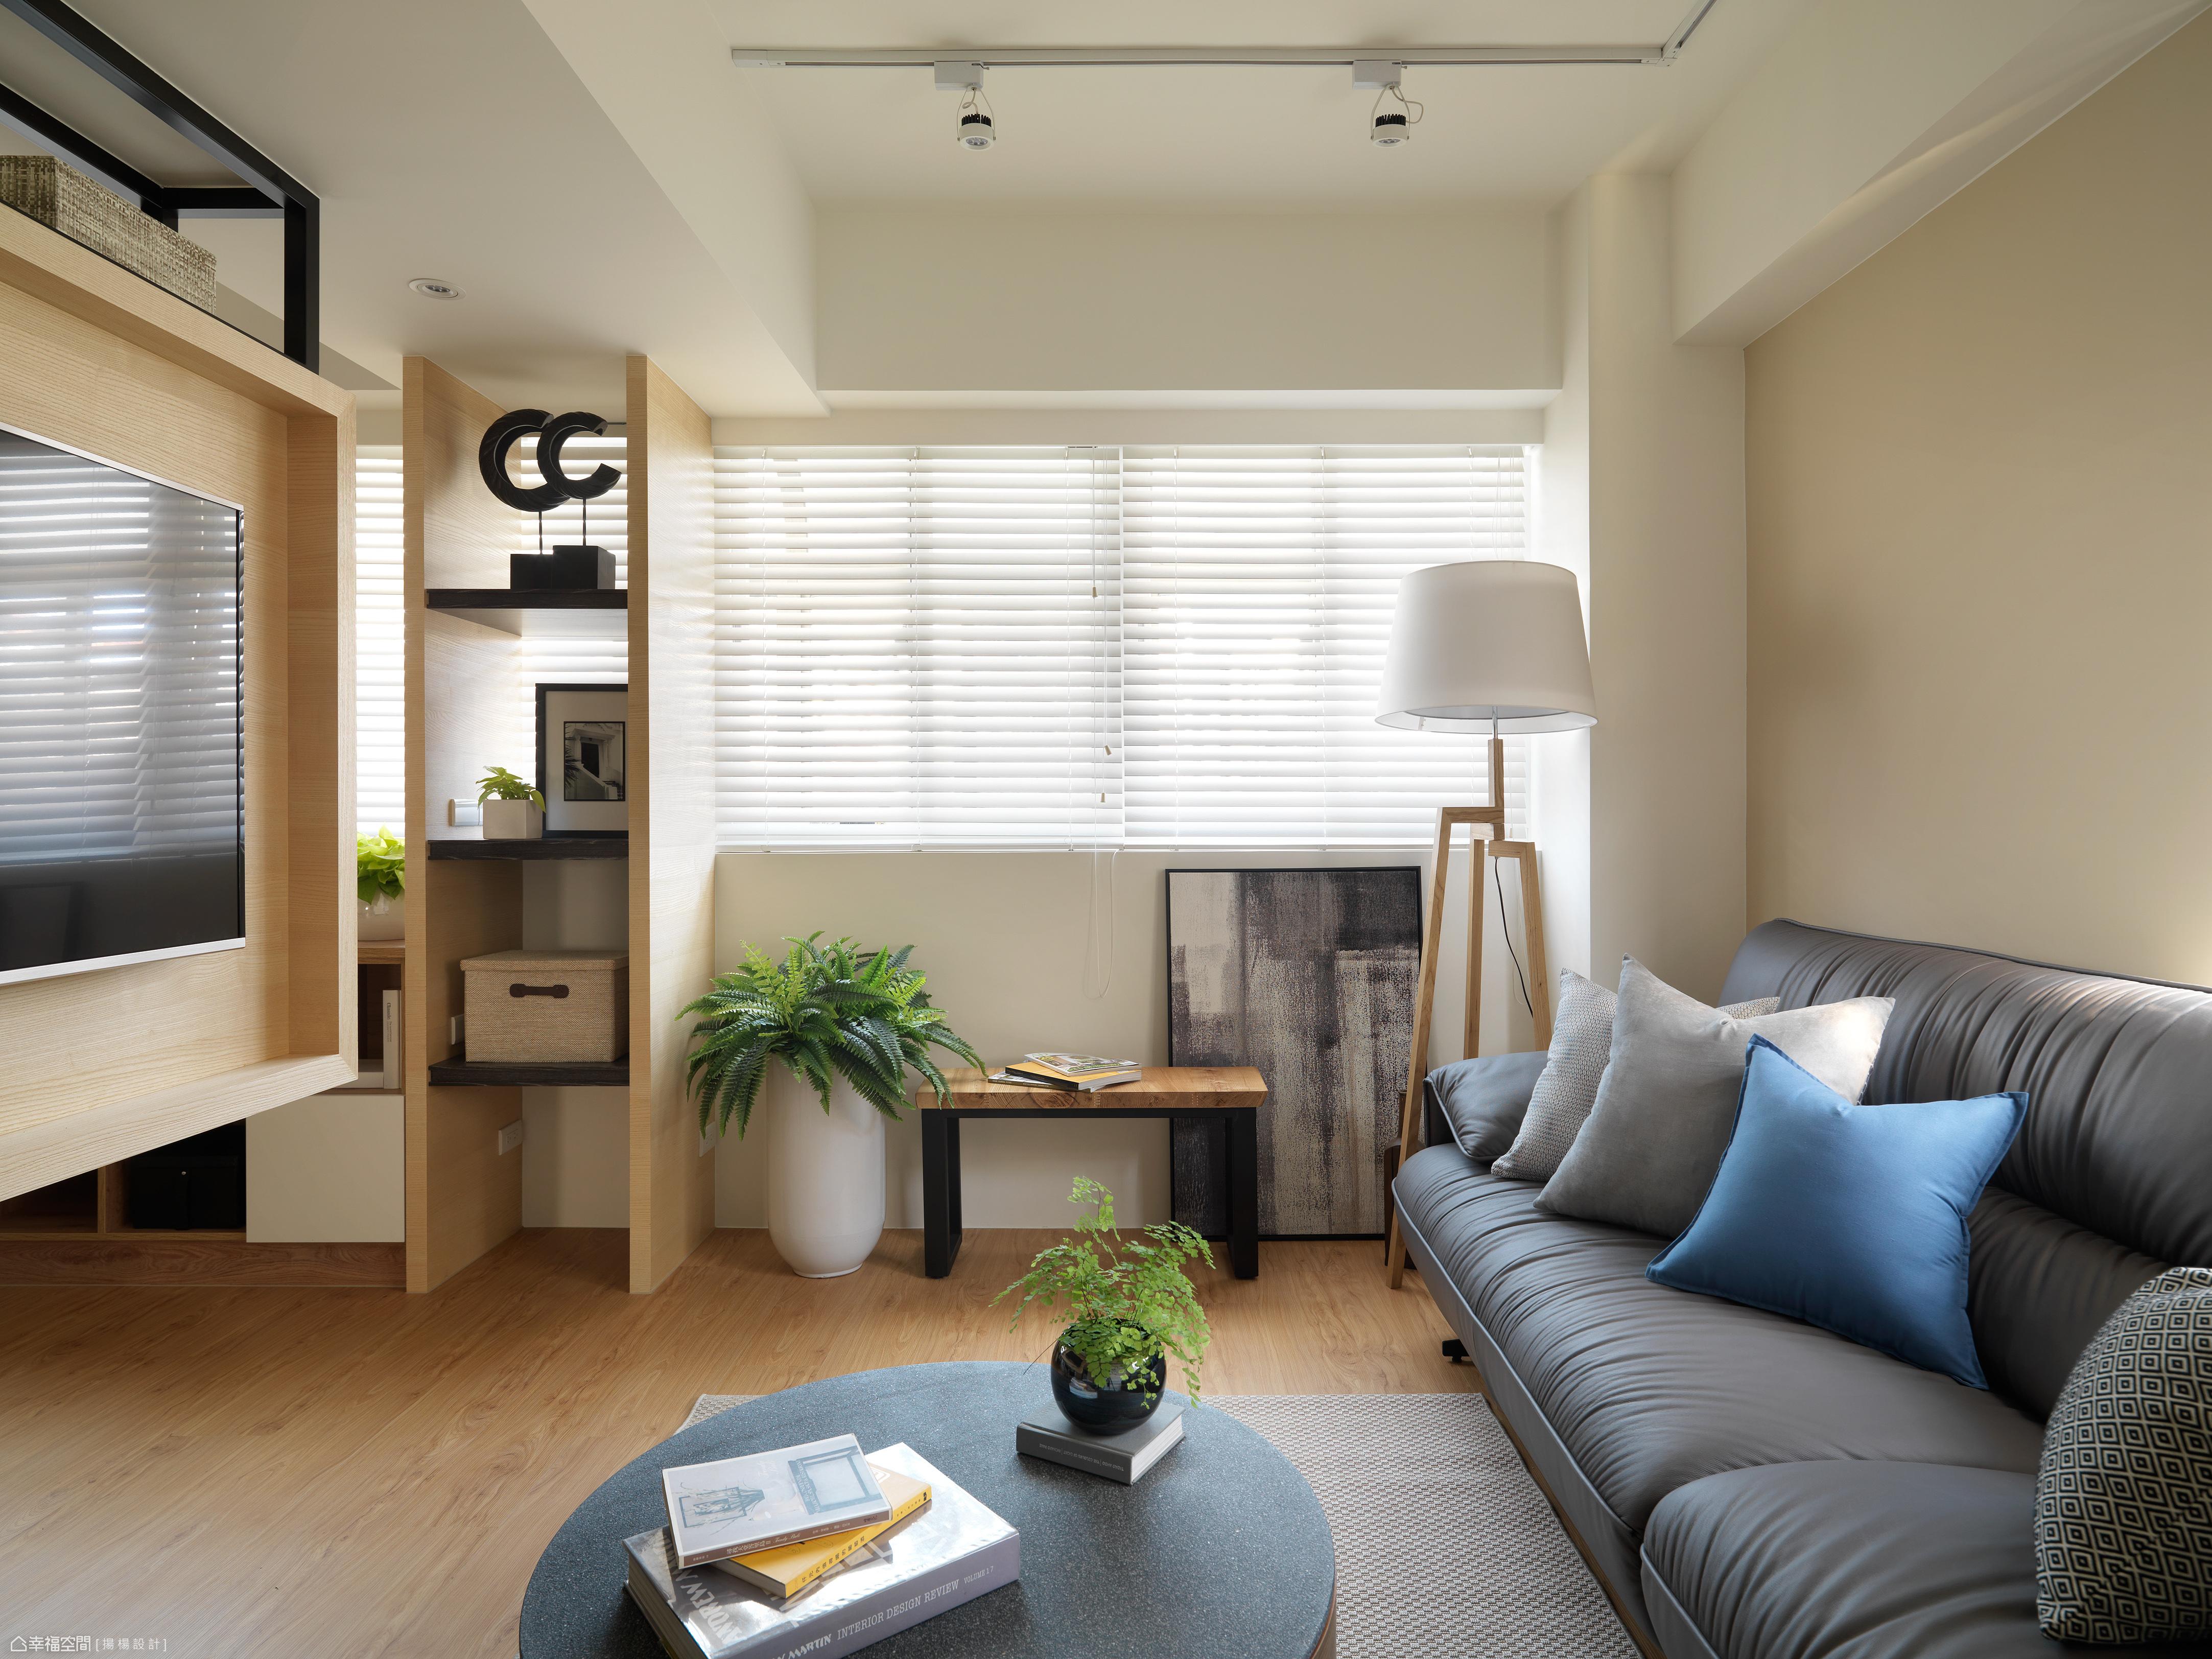 以木質與輕淺色為基調,讓空間純粹乾淨,並強調直線、理性的表現形式,完美演繹北歐與現代極簡風格。